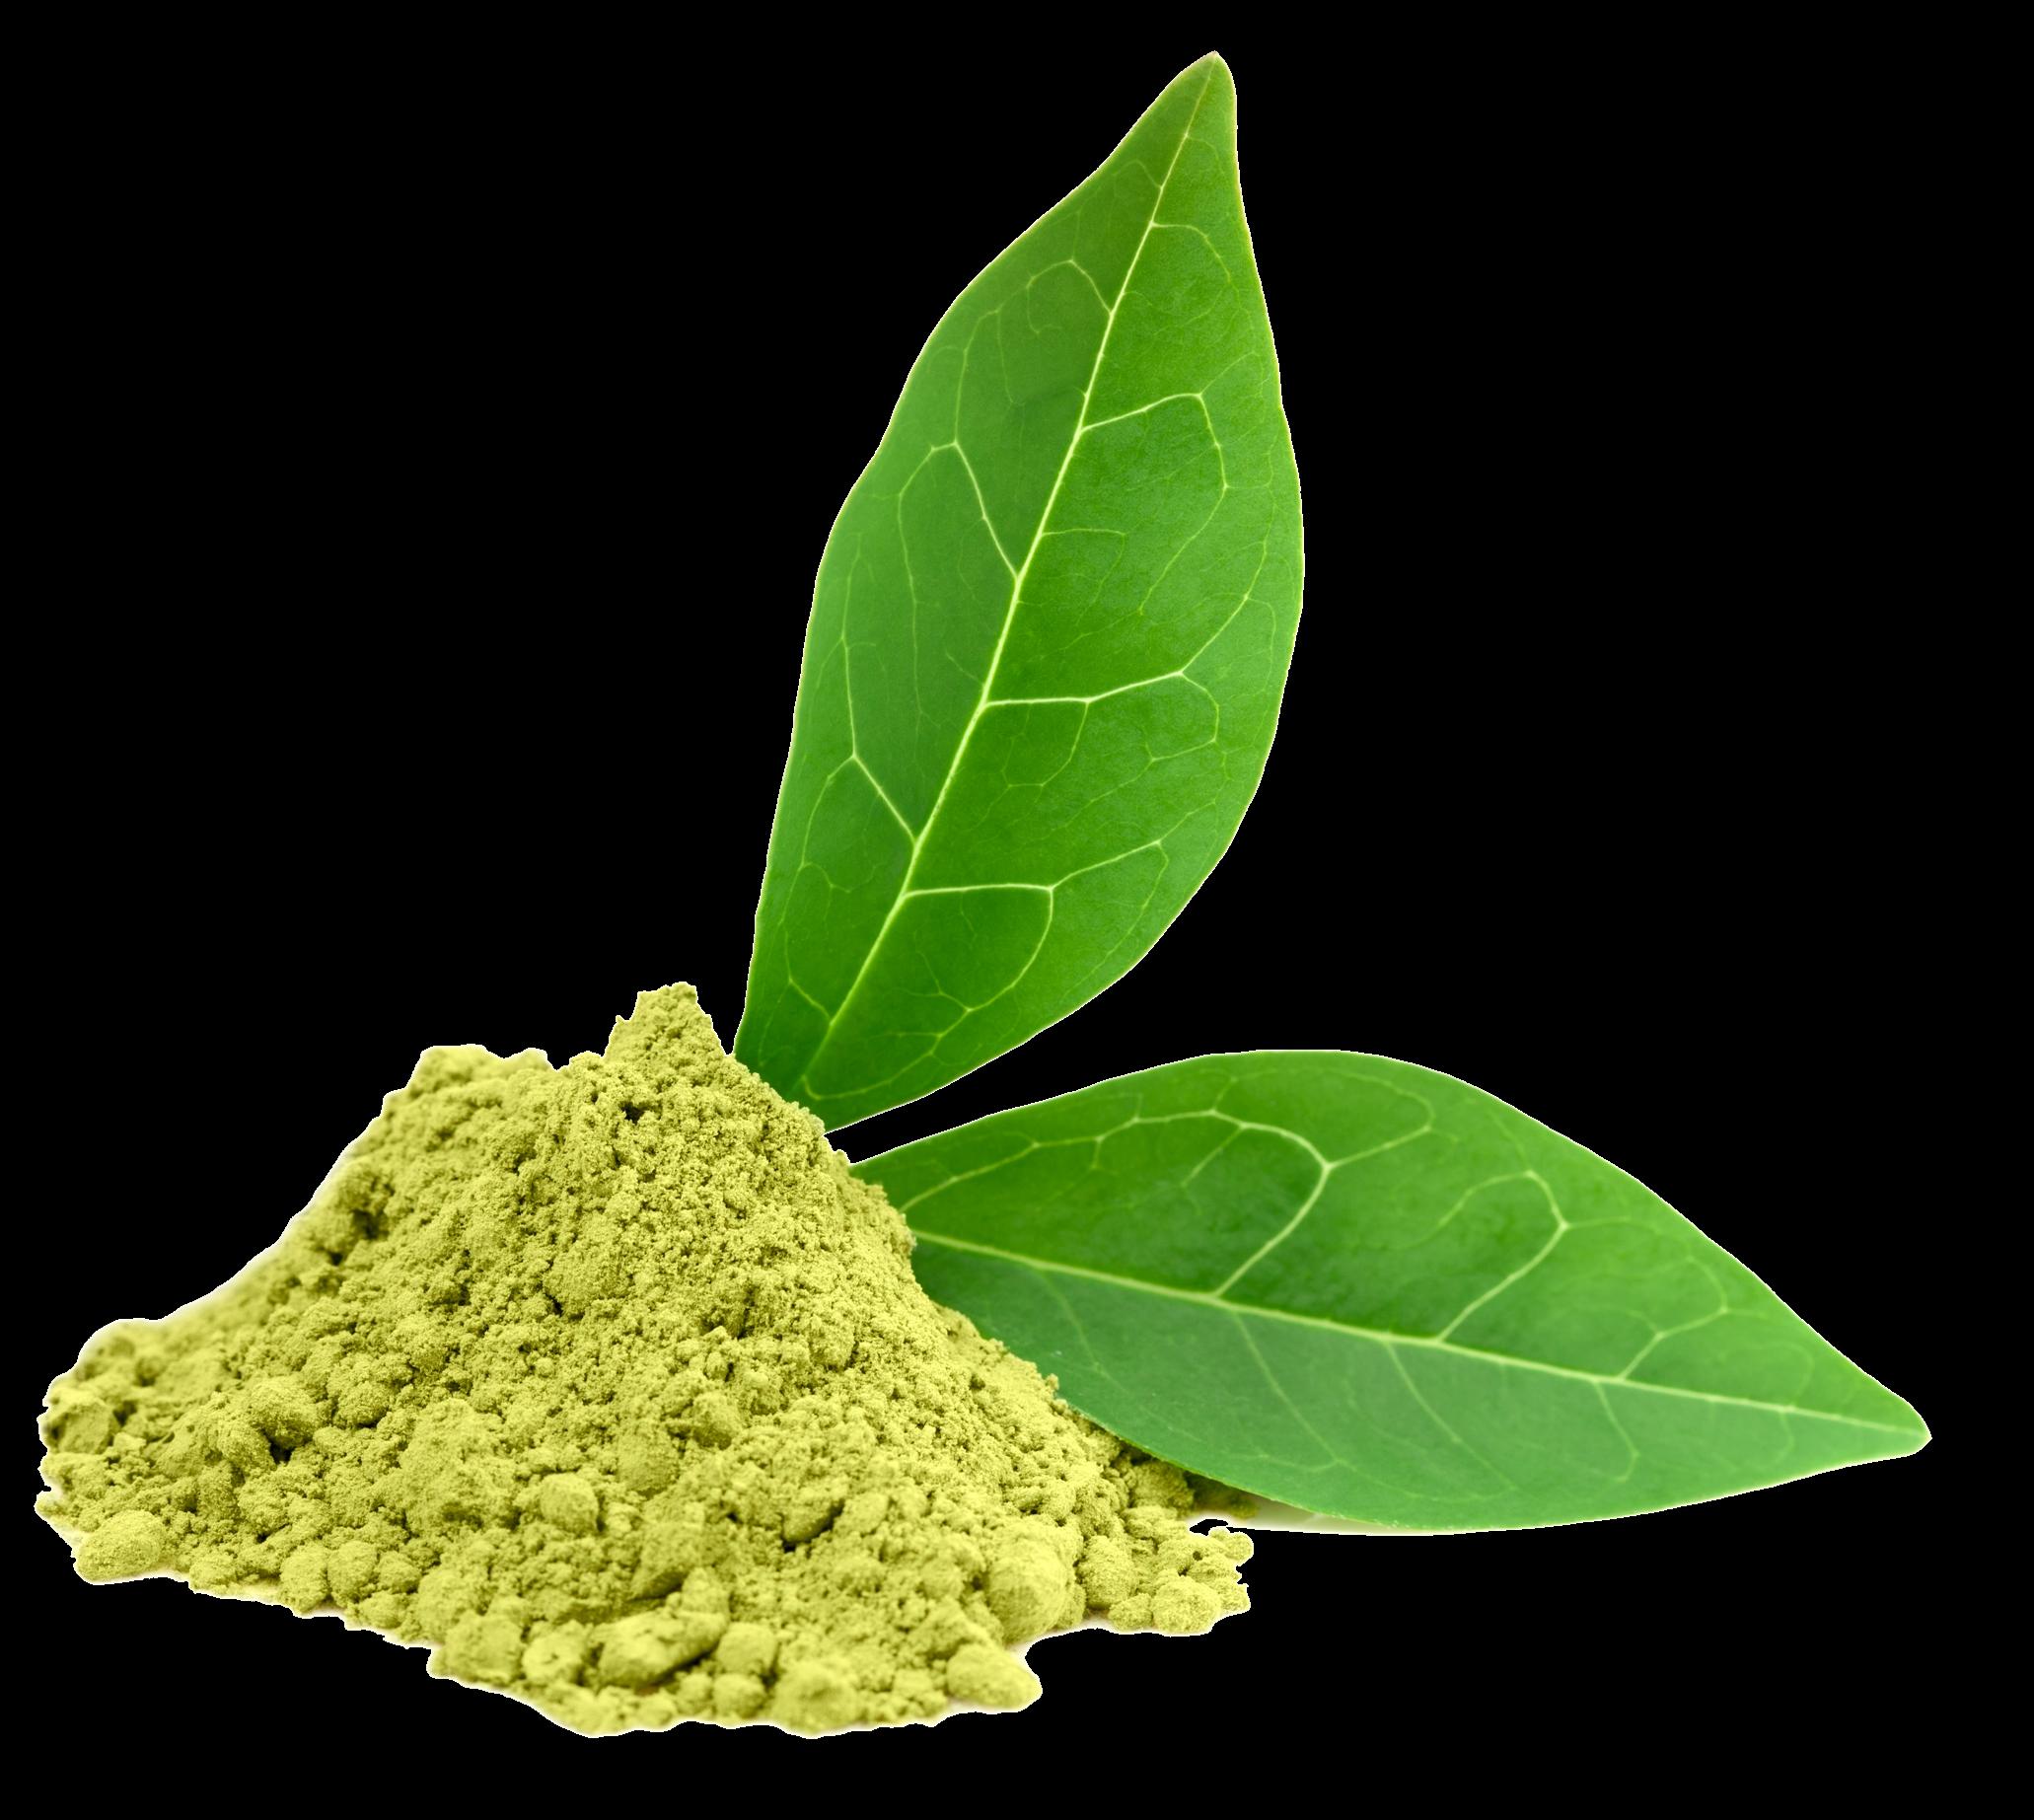 HQ Green Tea PNG Transparent Green Tea.PNG Images..